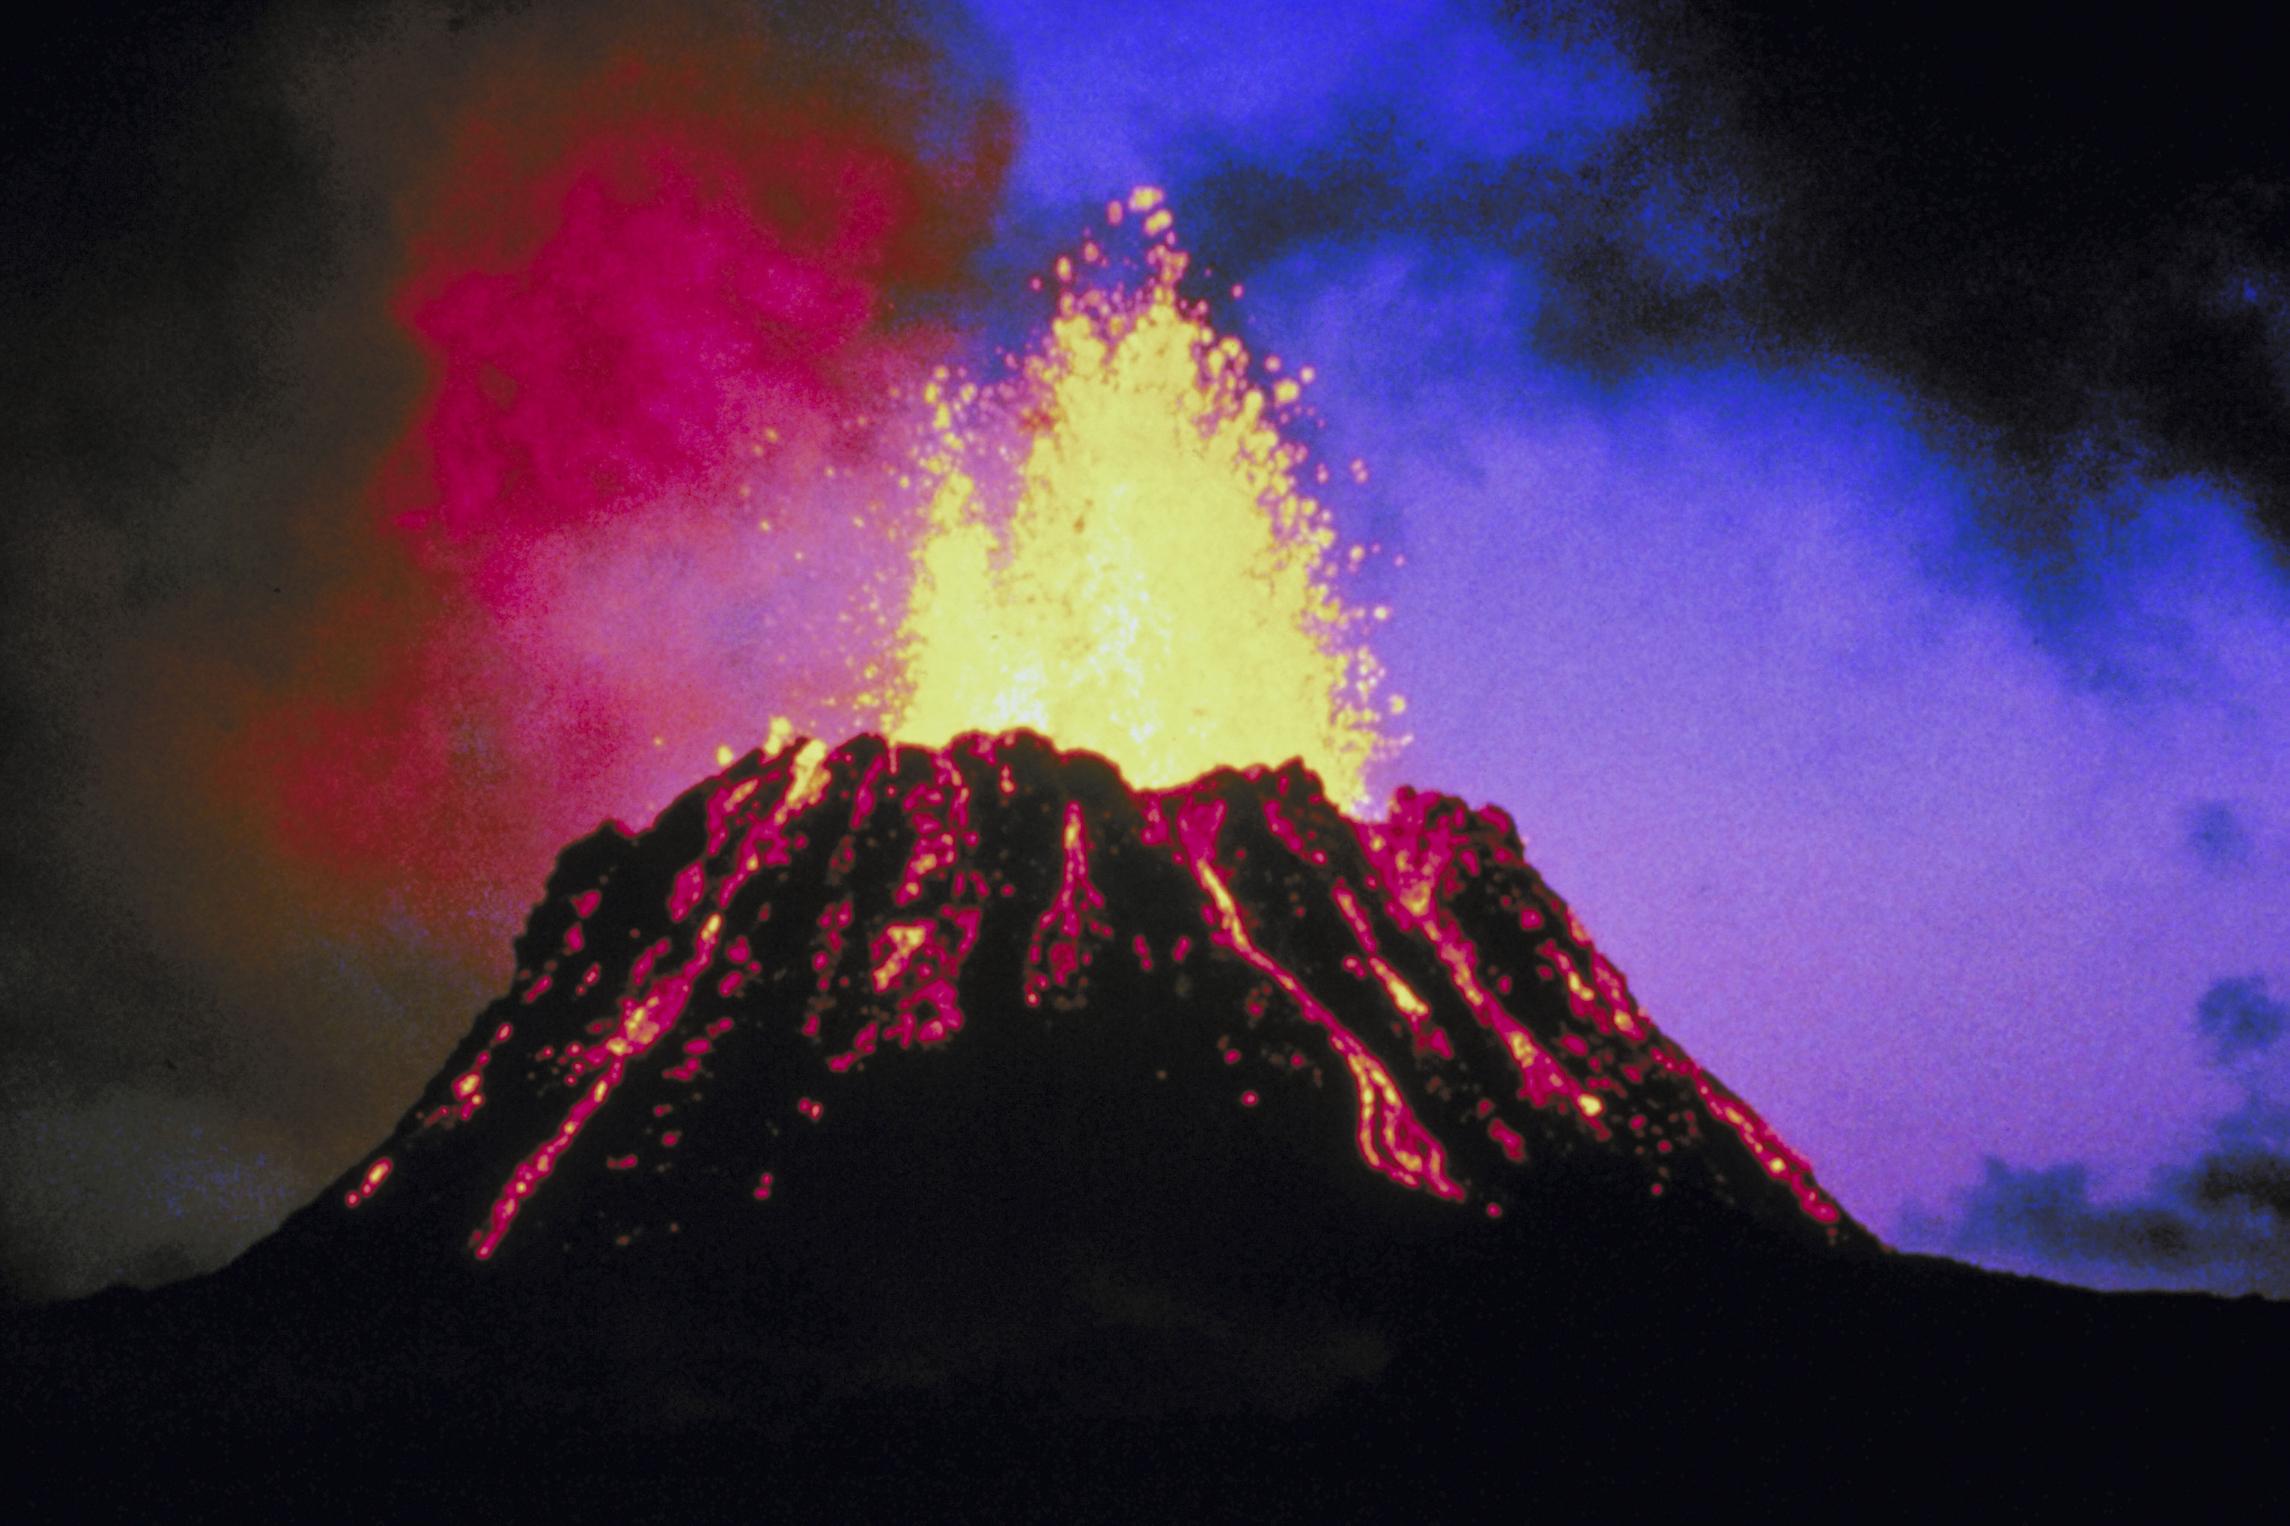 Shield Volcanoes Diagram Plug Dome Volcano 14 23cjpg